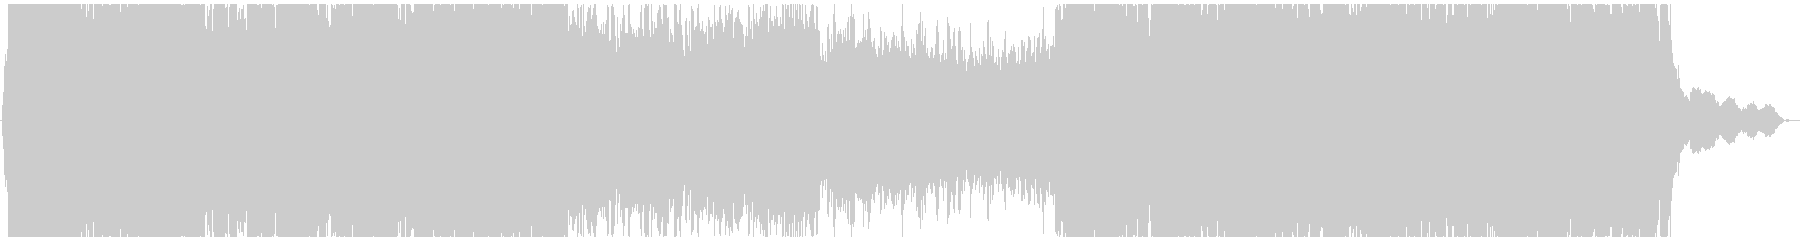 ハリウッド風3拍子のシネマティック曲の未再生の波形